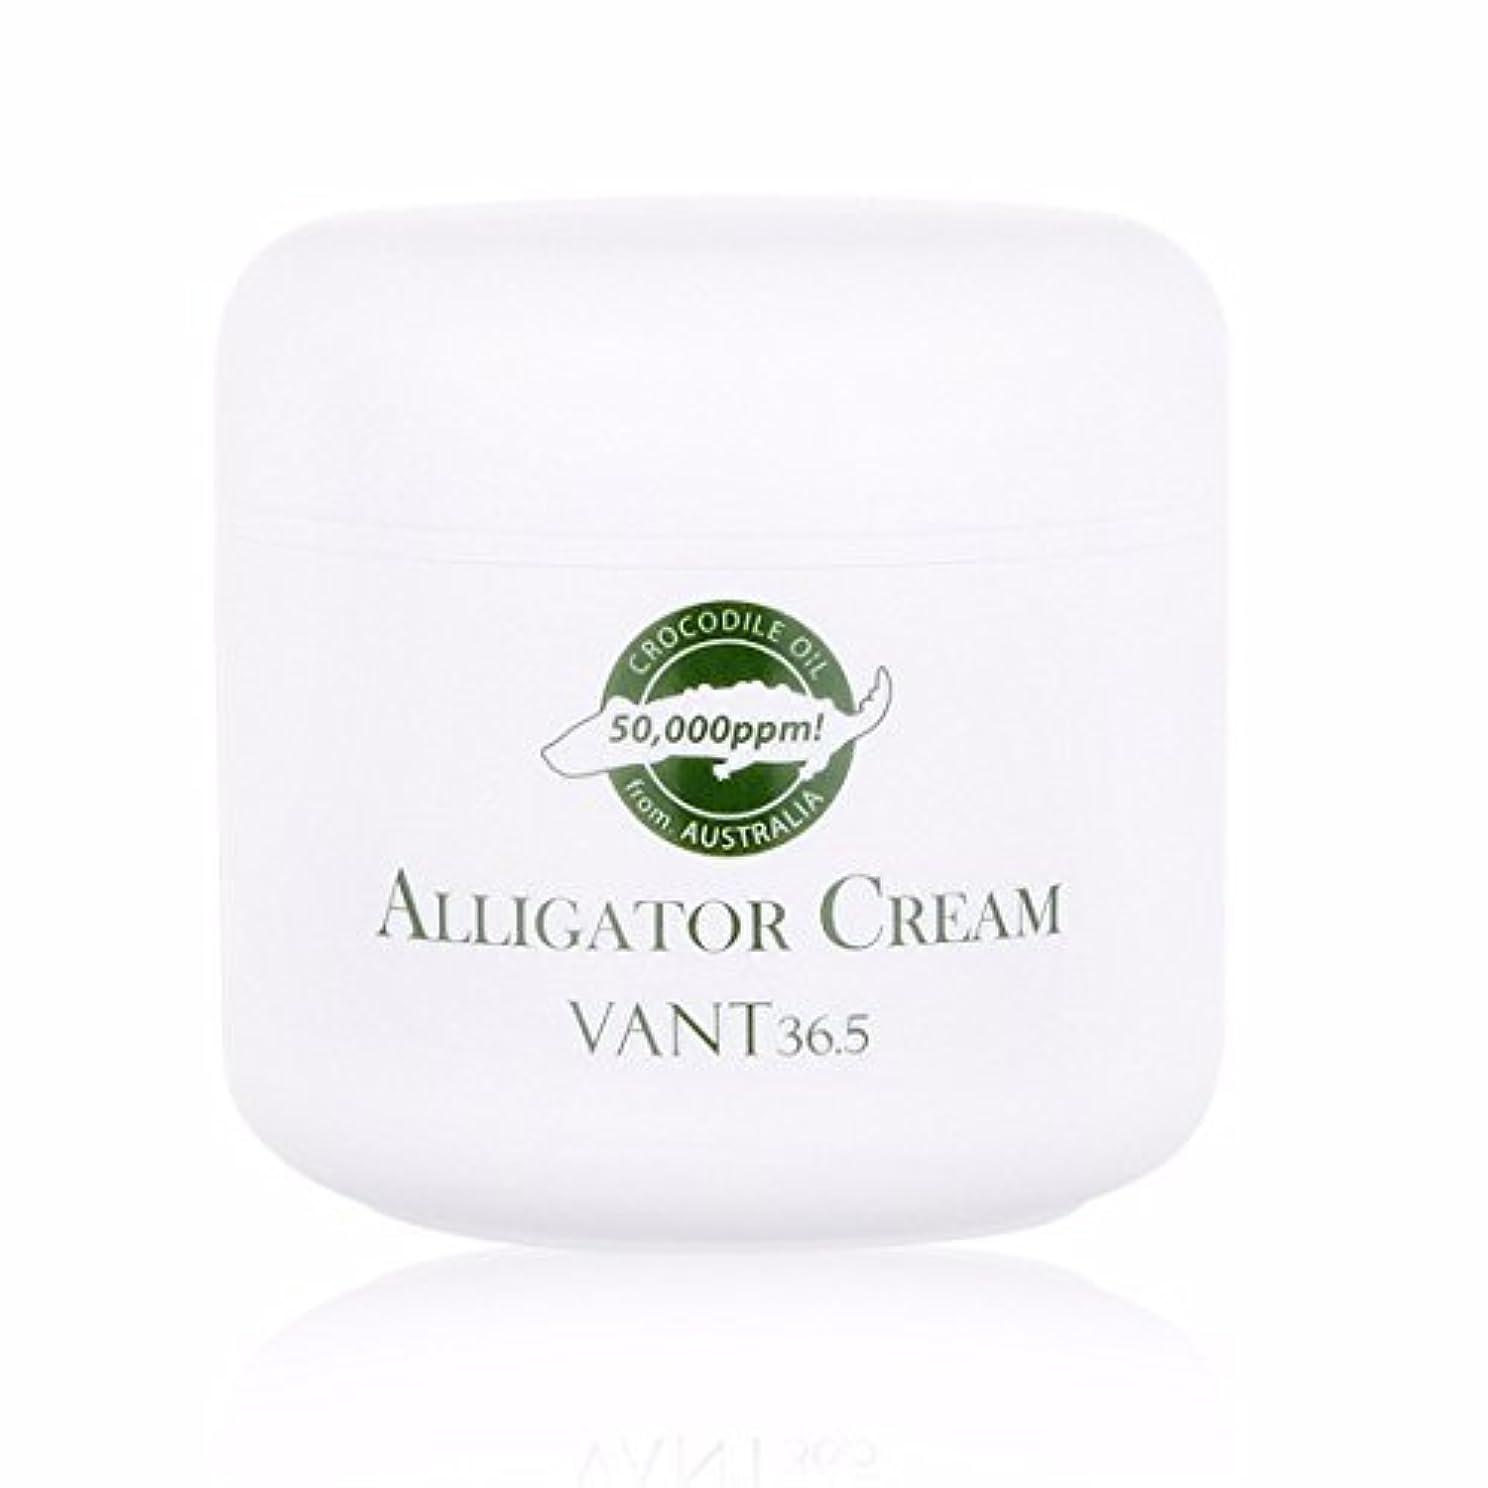 レーザとても多くのこしょうバント36.5 ワニクリーム50ml[並行輸入品] / VANT 36.5 Alligator Cream 50ml (1.69fl.oz.) for Nourishing, Moisturizing cream